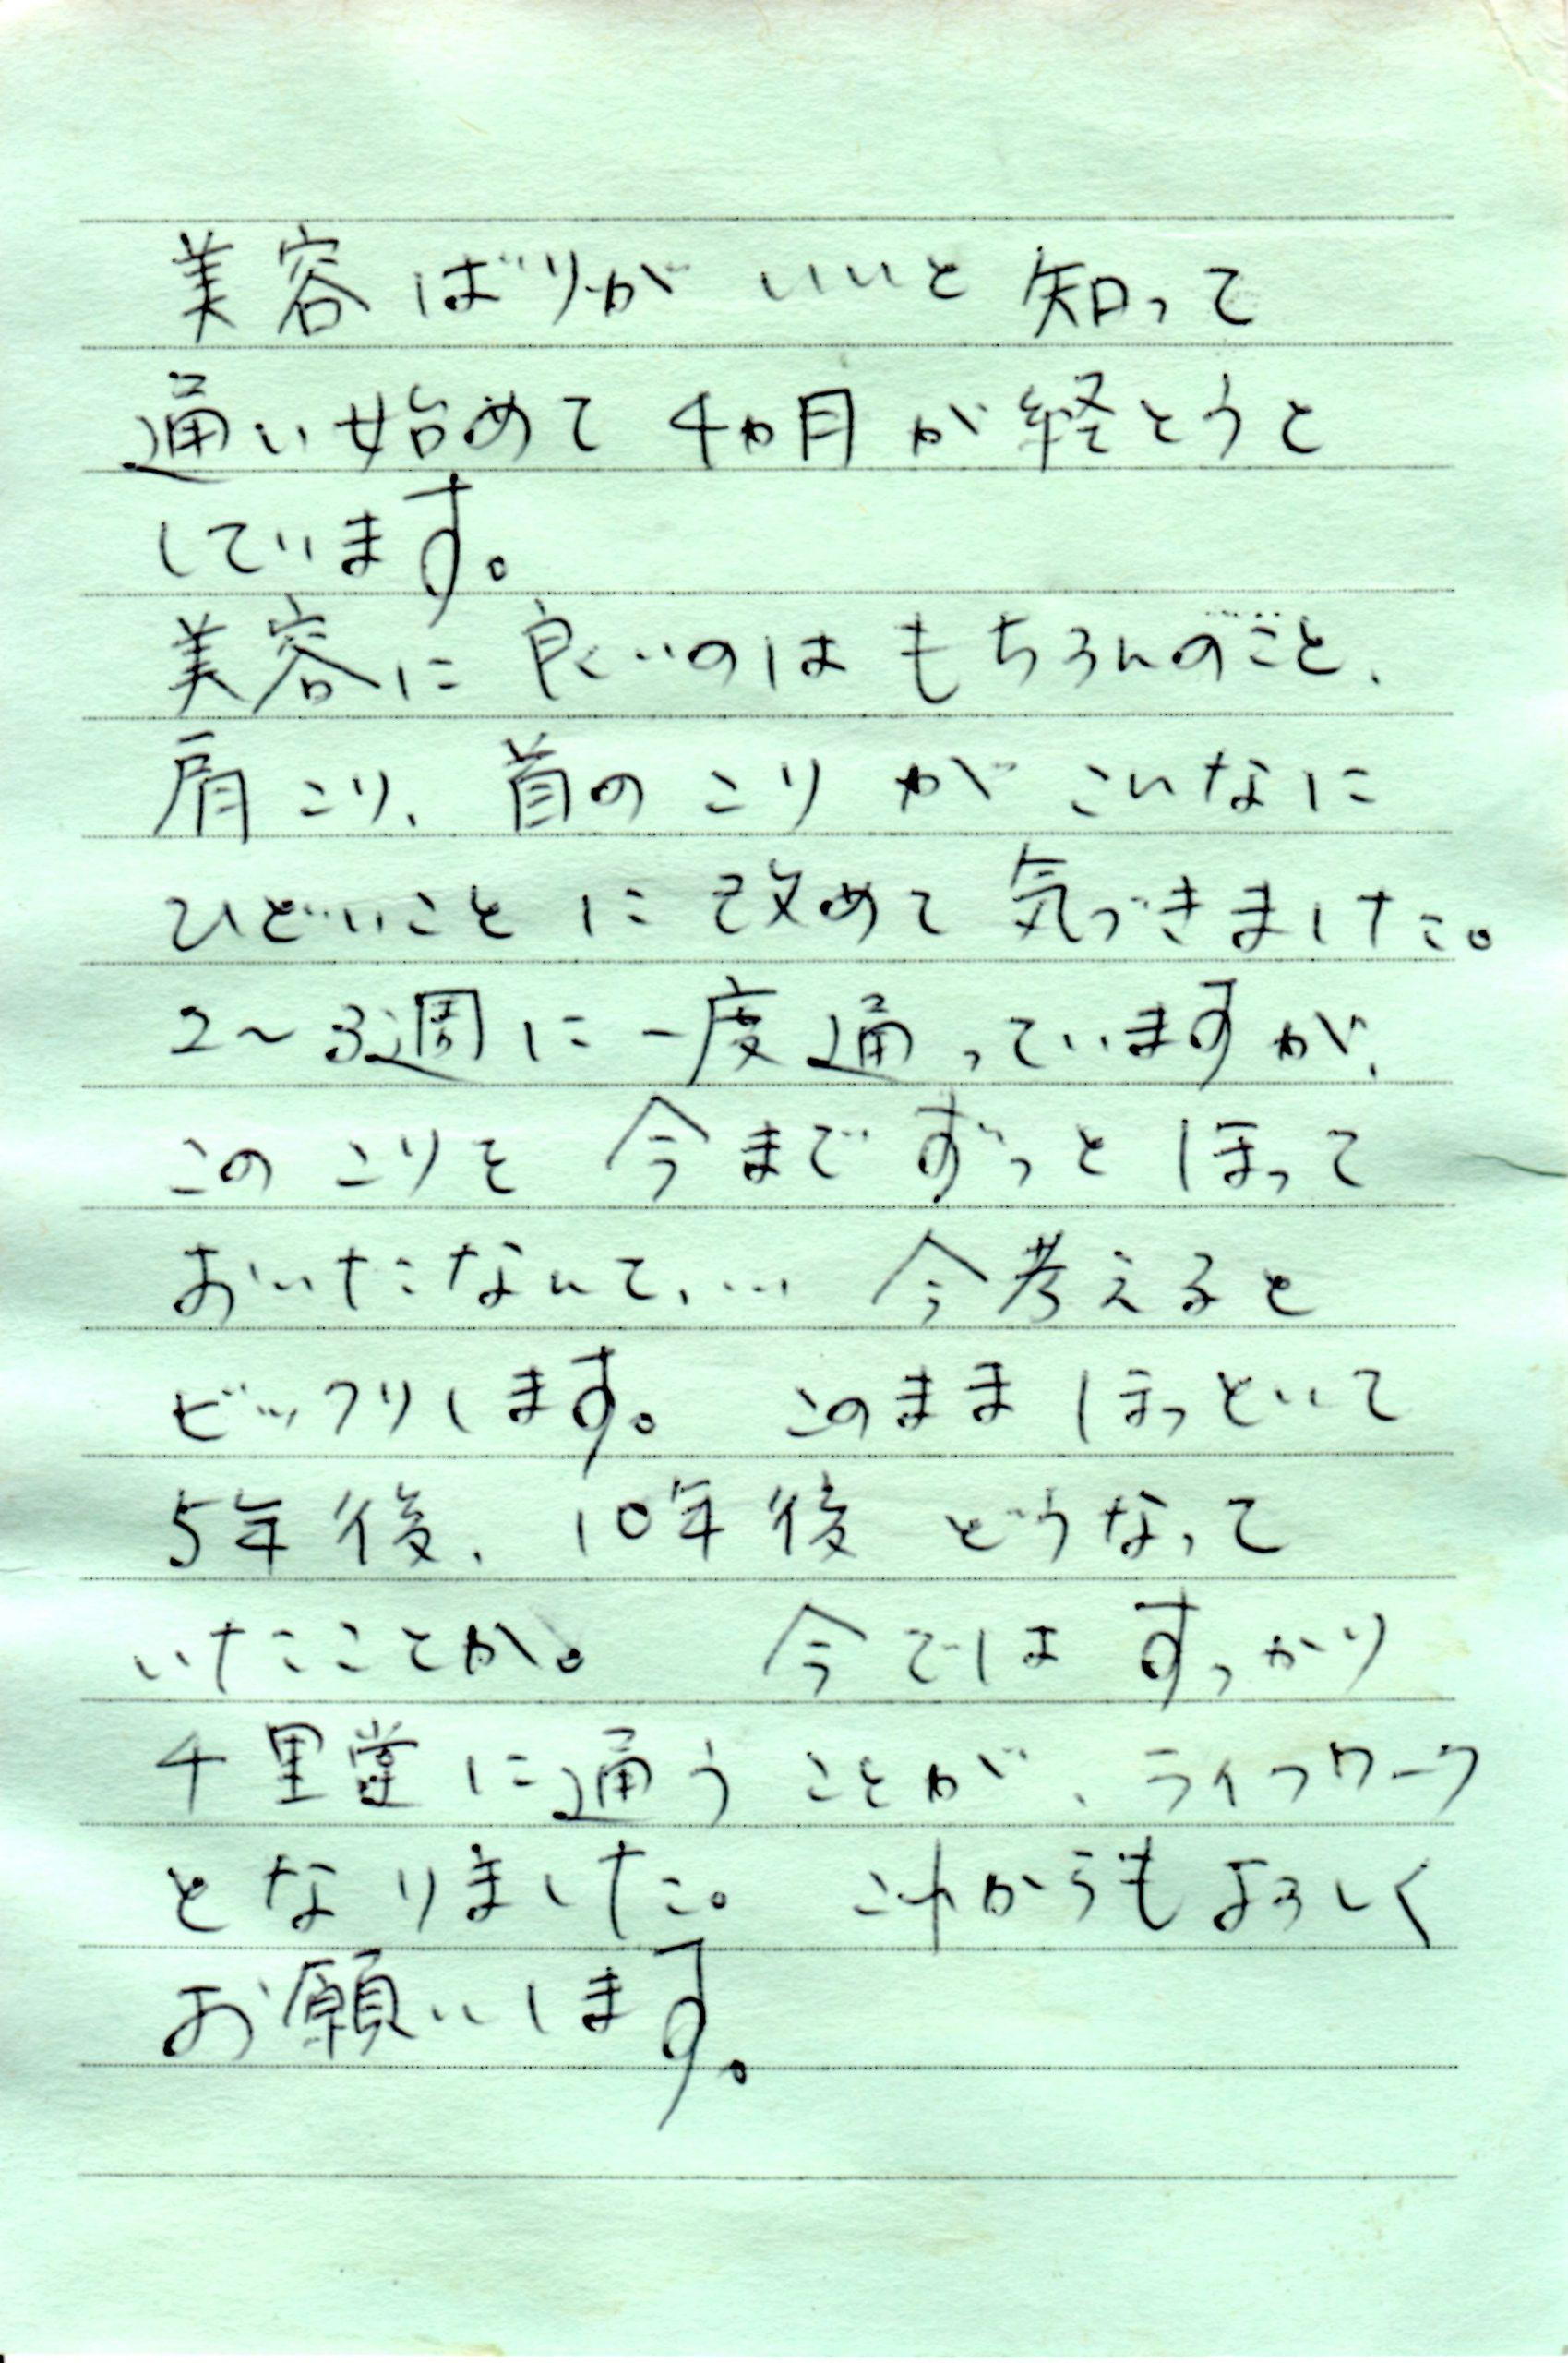 患者様の手紙